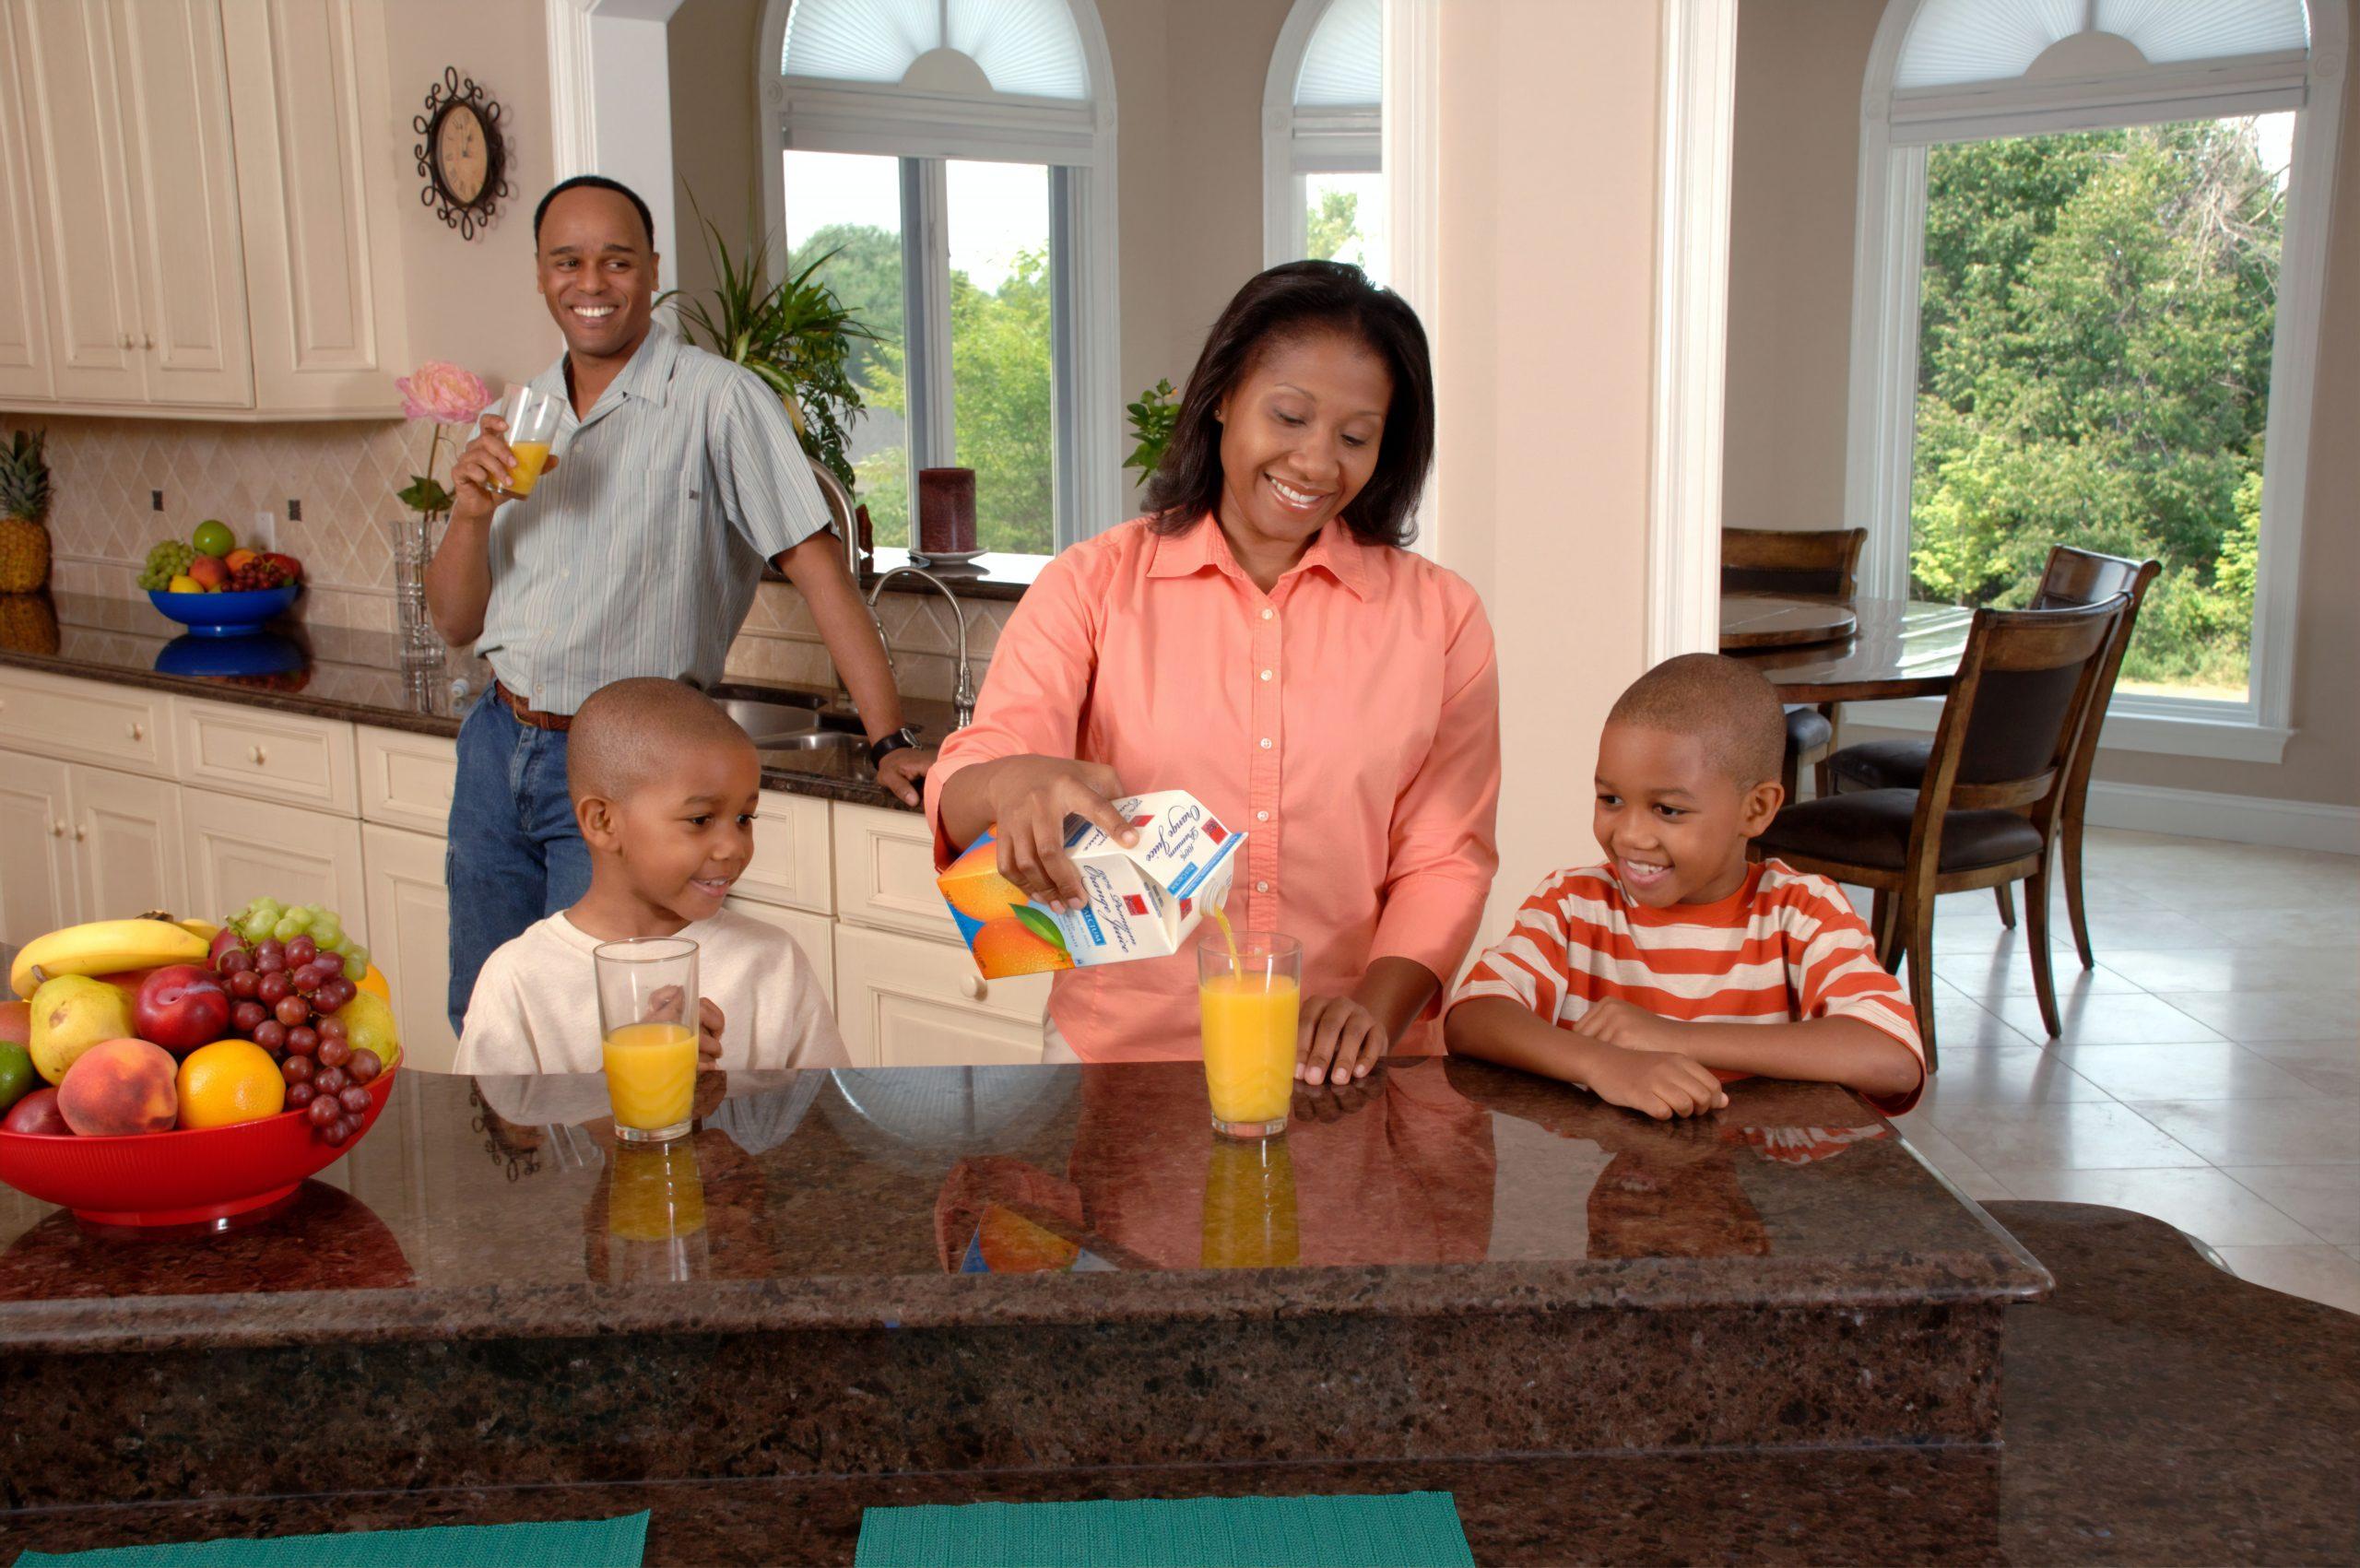 Imagem mostra mãe servindo suco de laranja para os filhos na cozinha